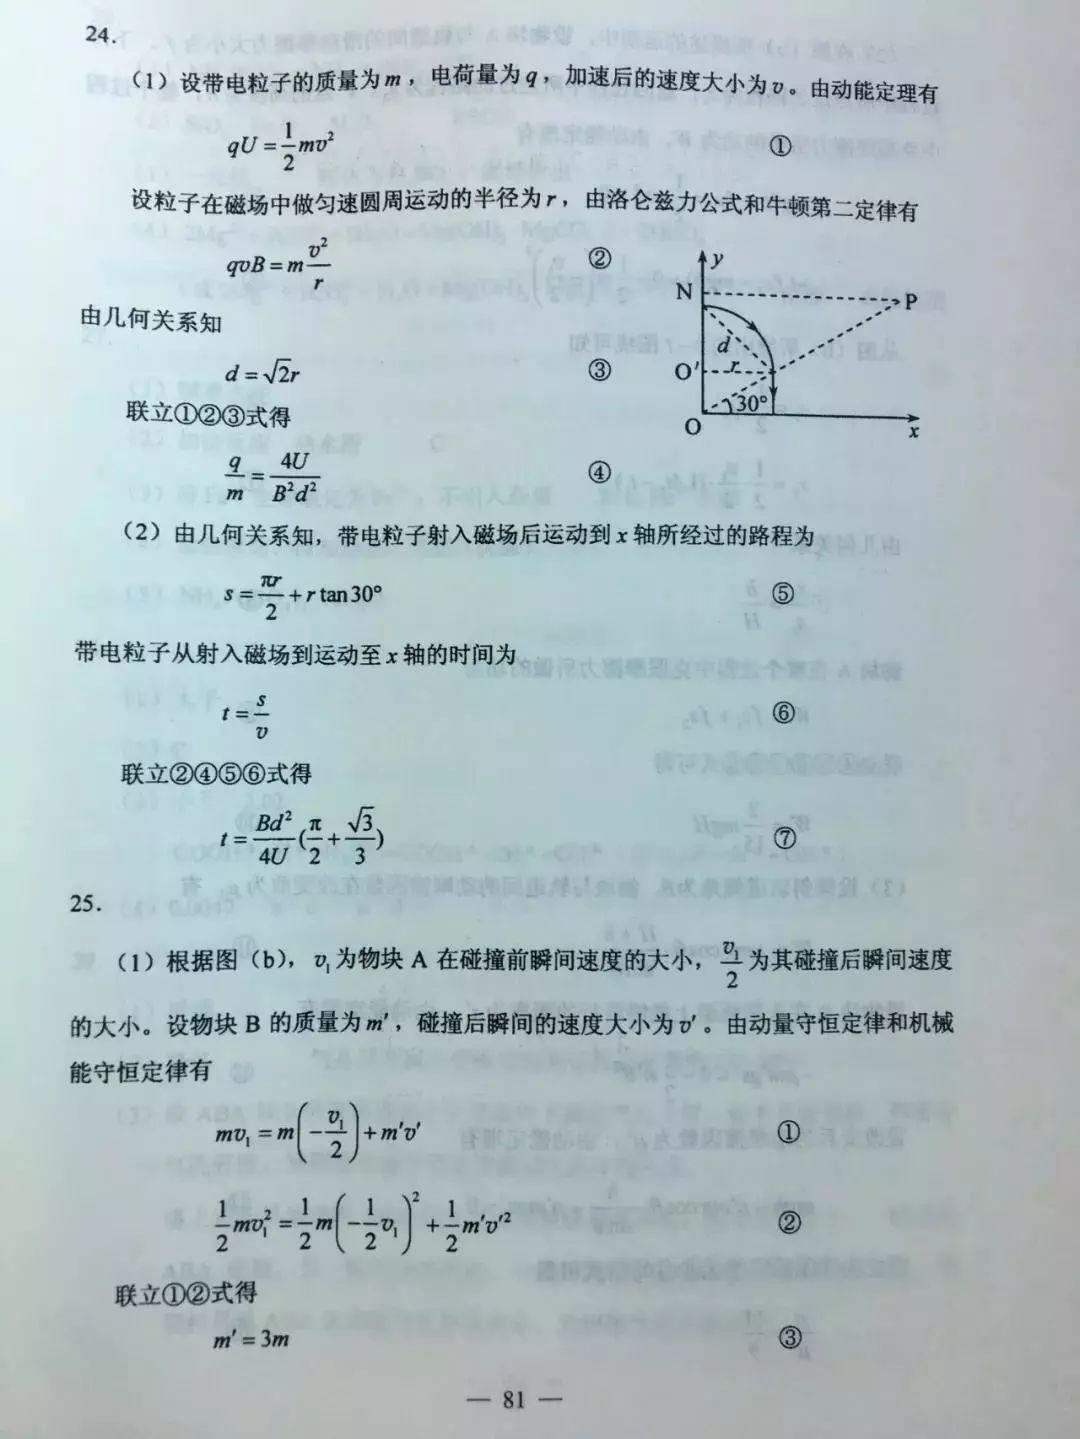 6月26日填报志愿,高考答案出炉,平江考生快来估分